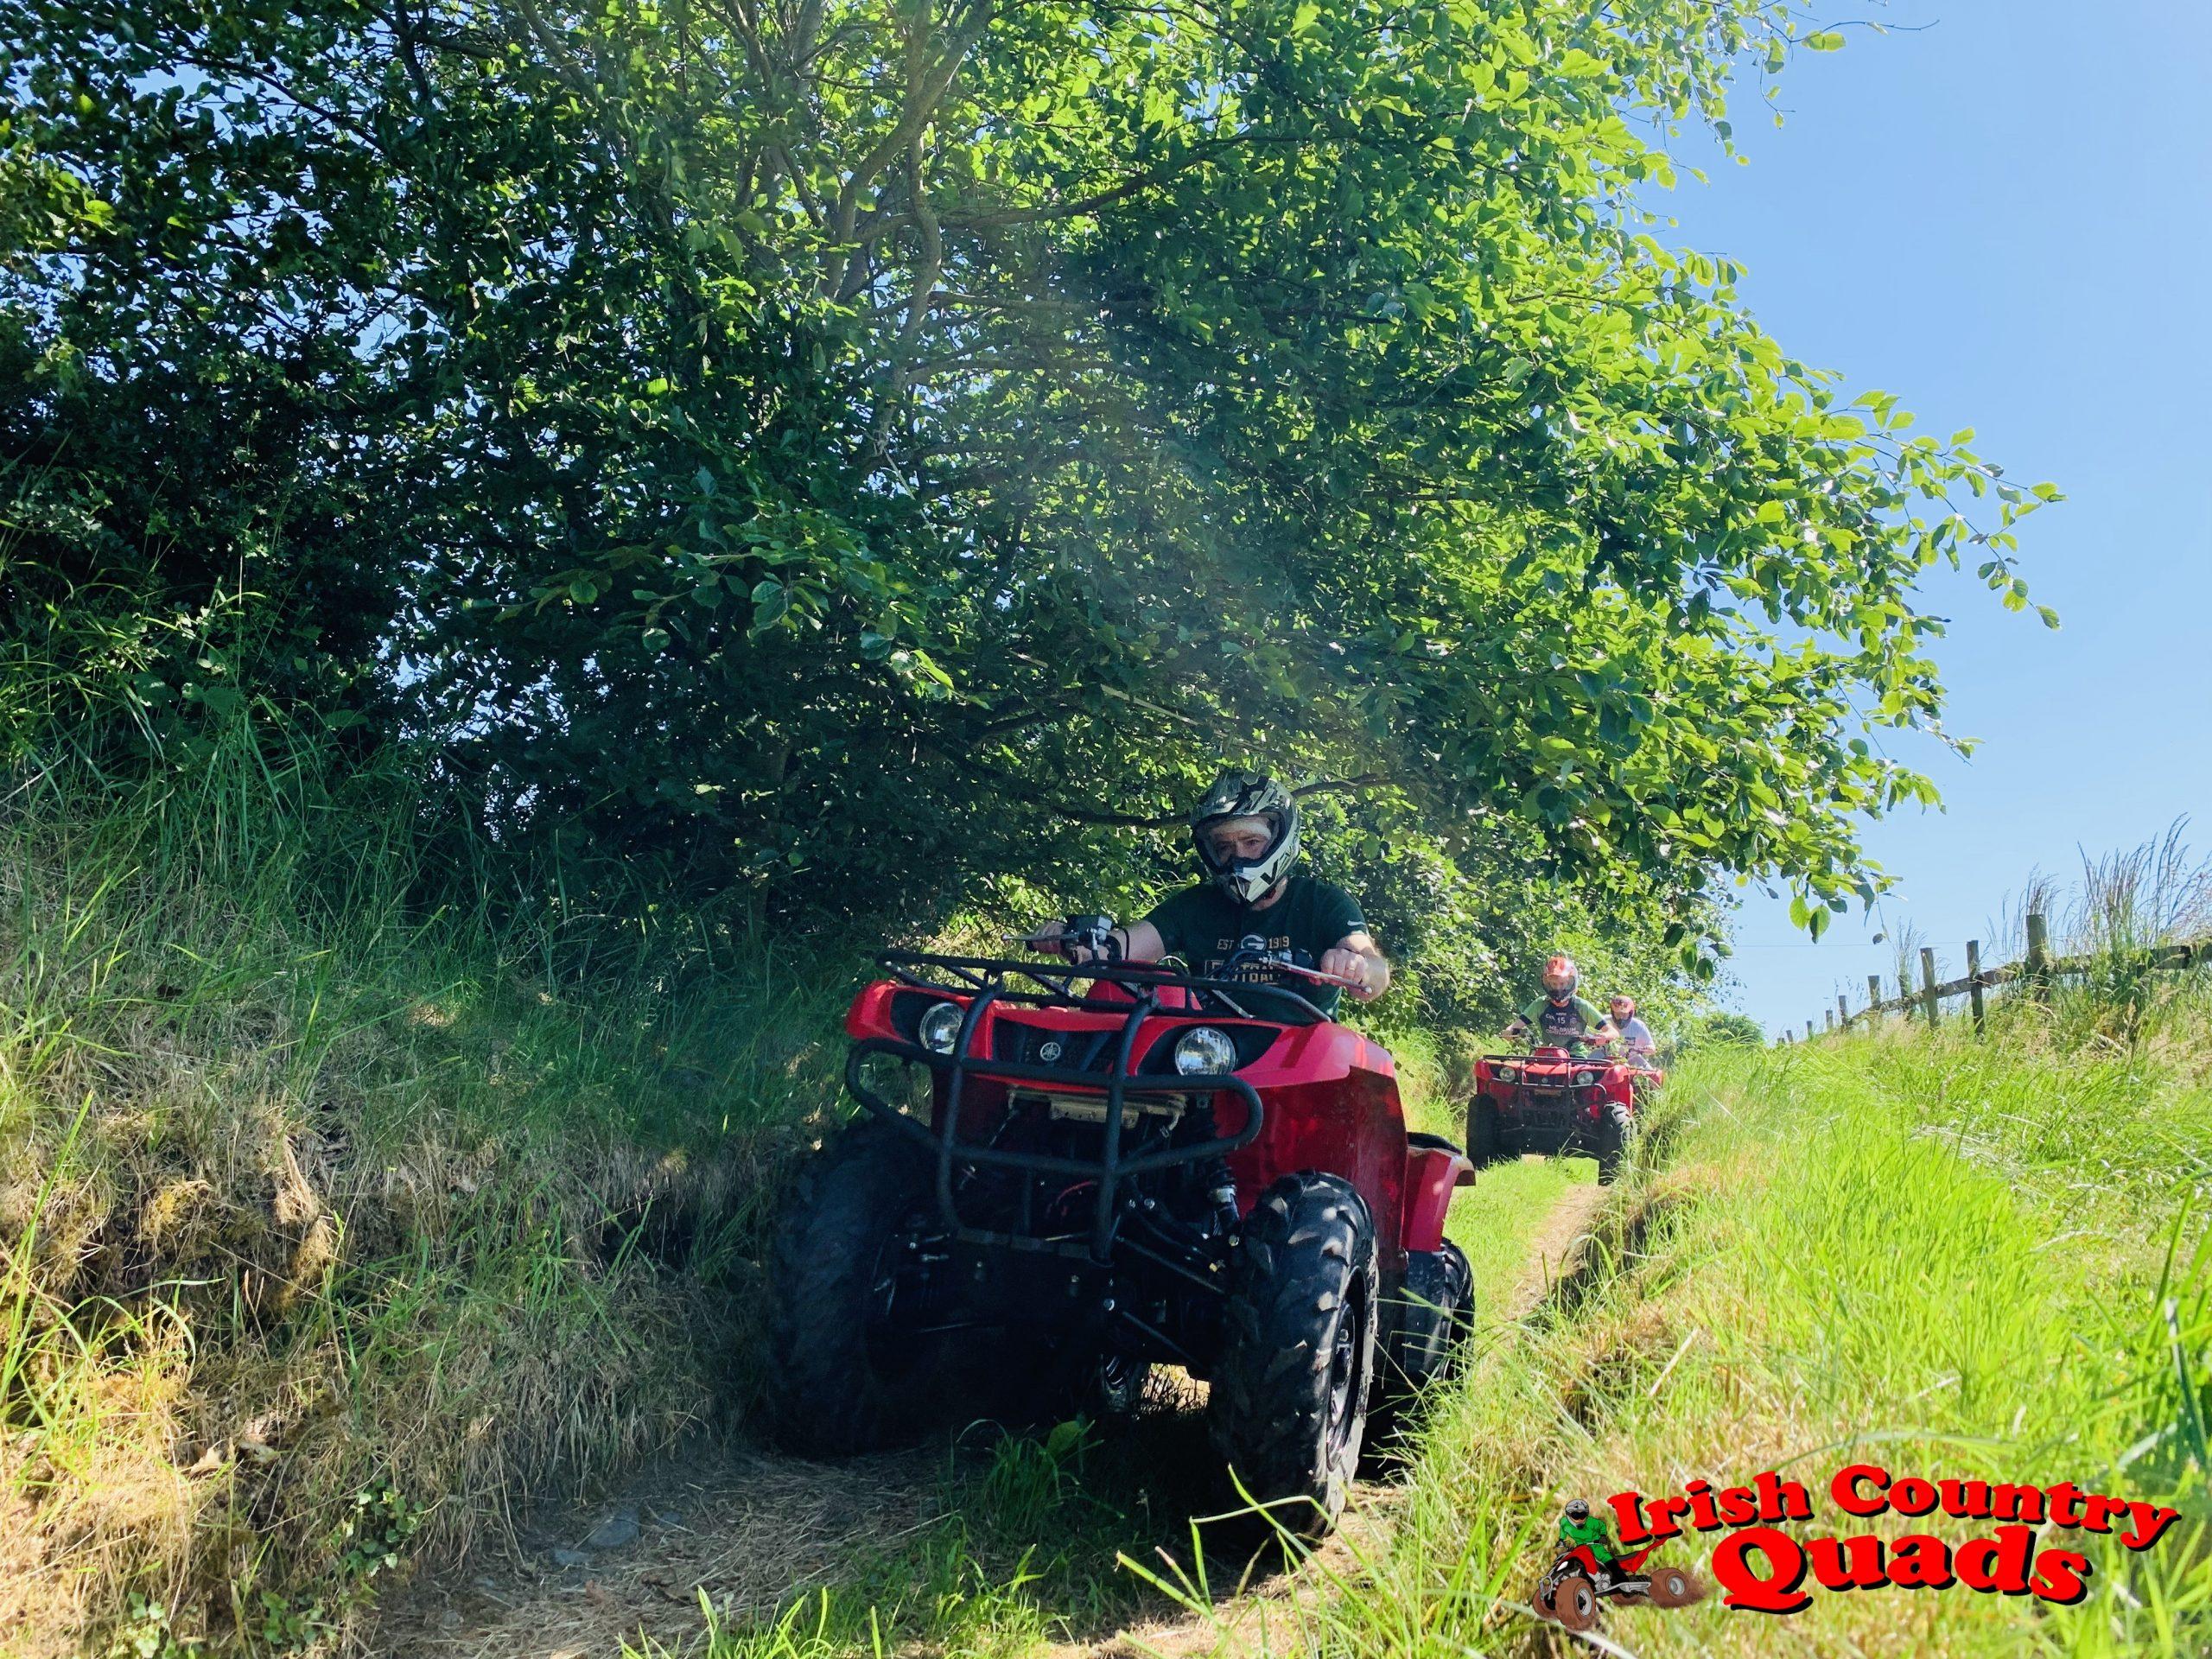 Irish Country Quads Adventure Activities quad bike track trail course underground road